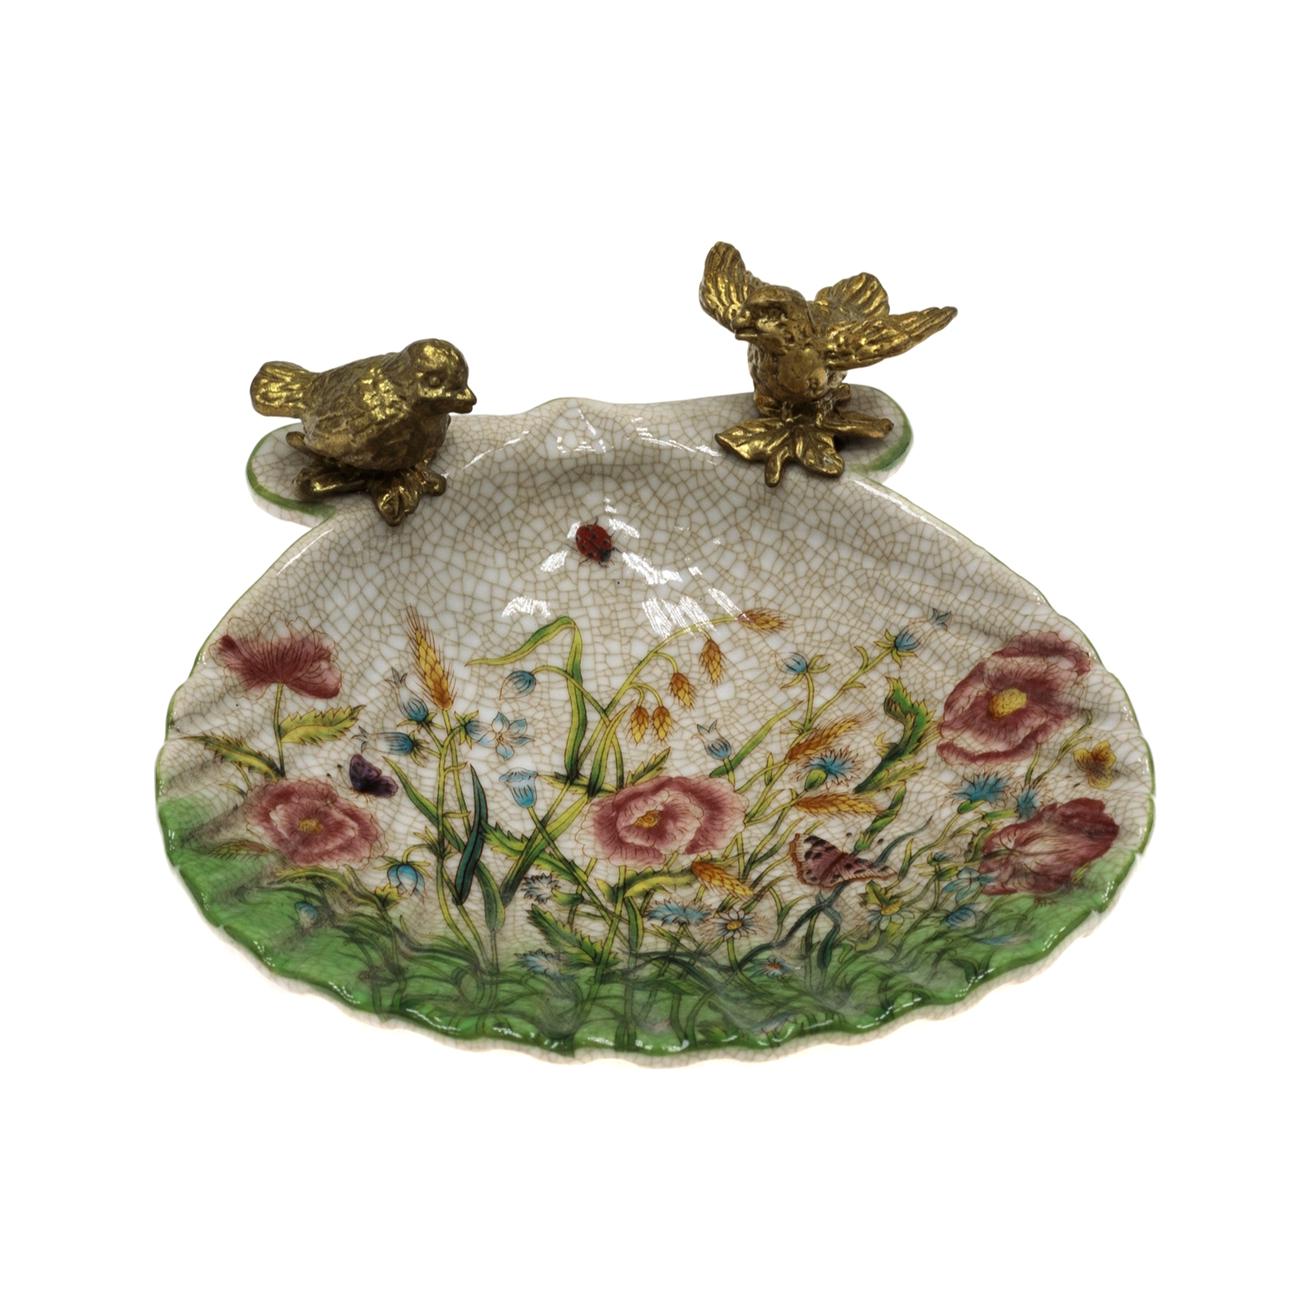 Фото - Блюдо Glasar с птичками 14x13x5см столик приставной glasar серебристого цвета с золотыми птичками на ветке 43x43x71 см